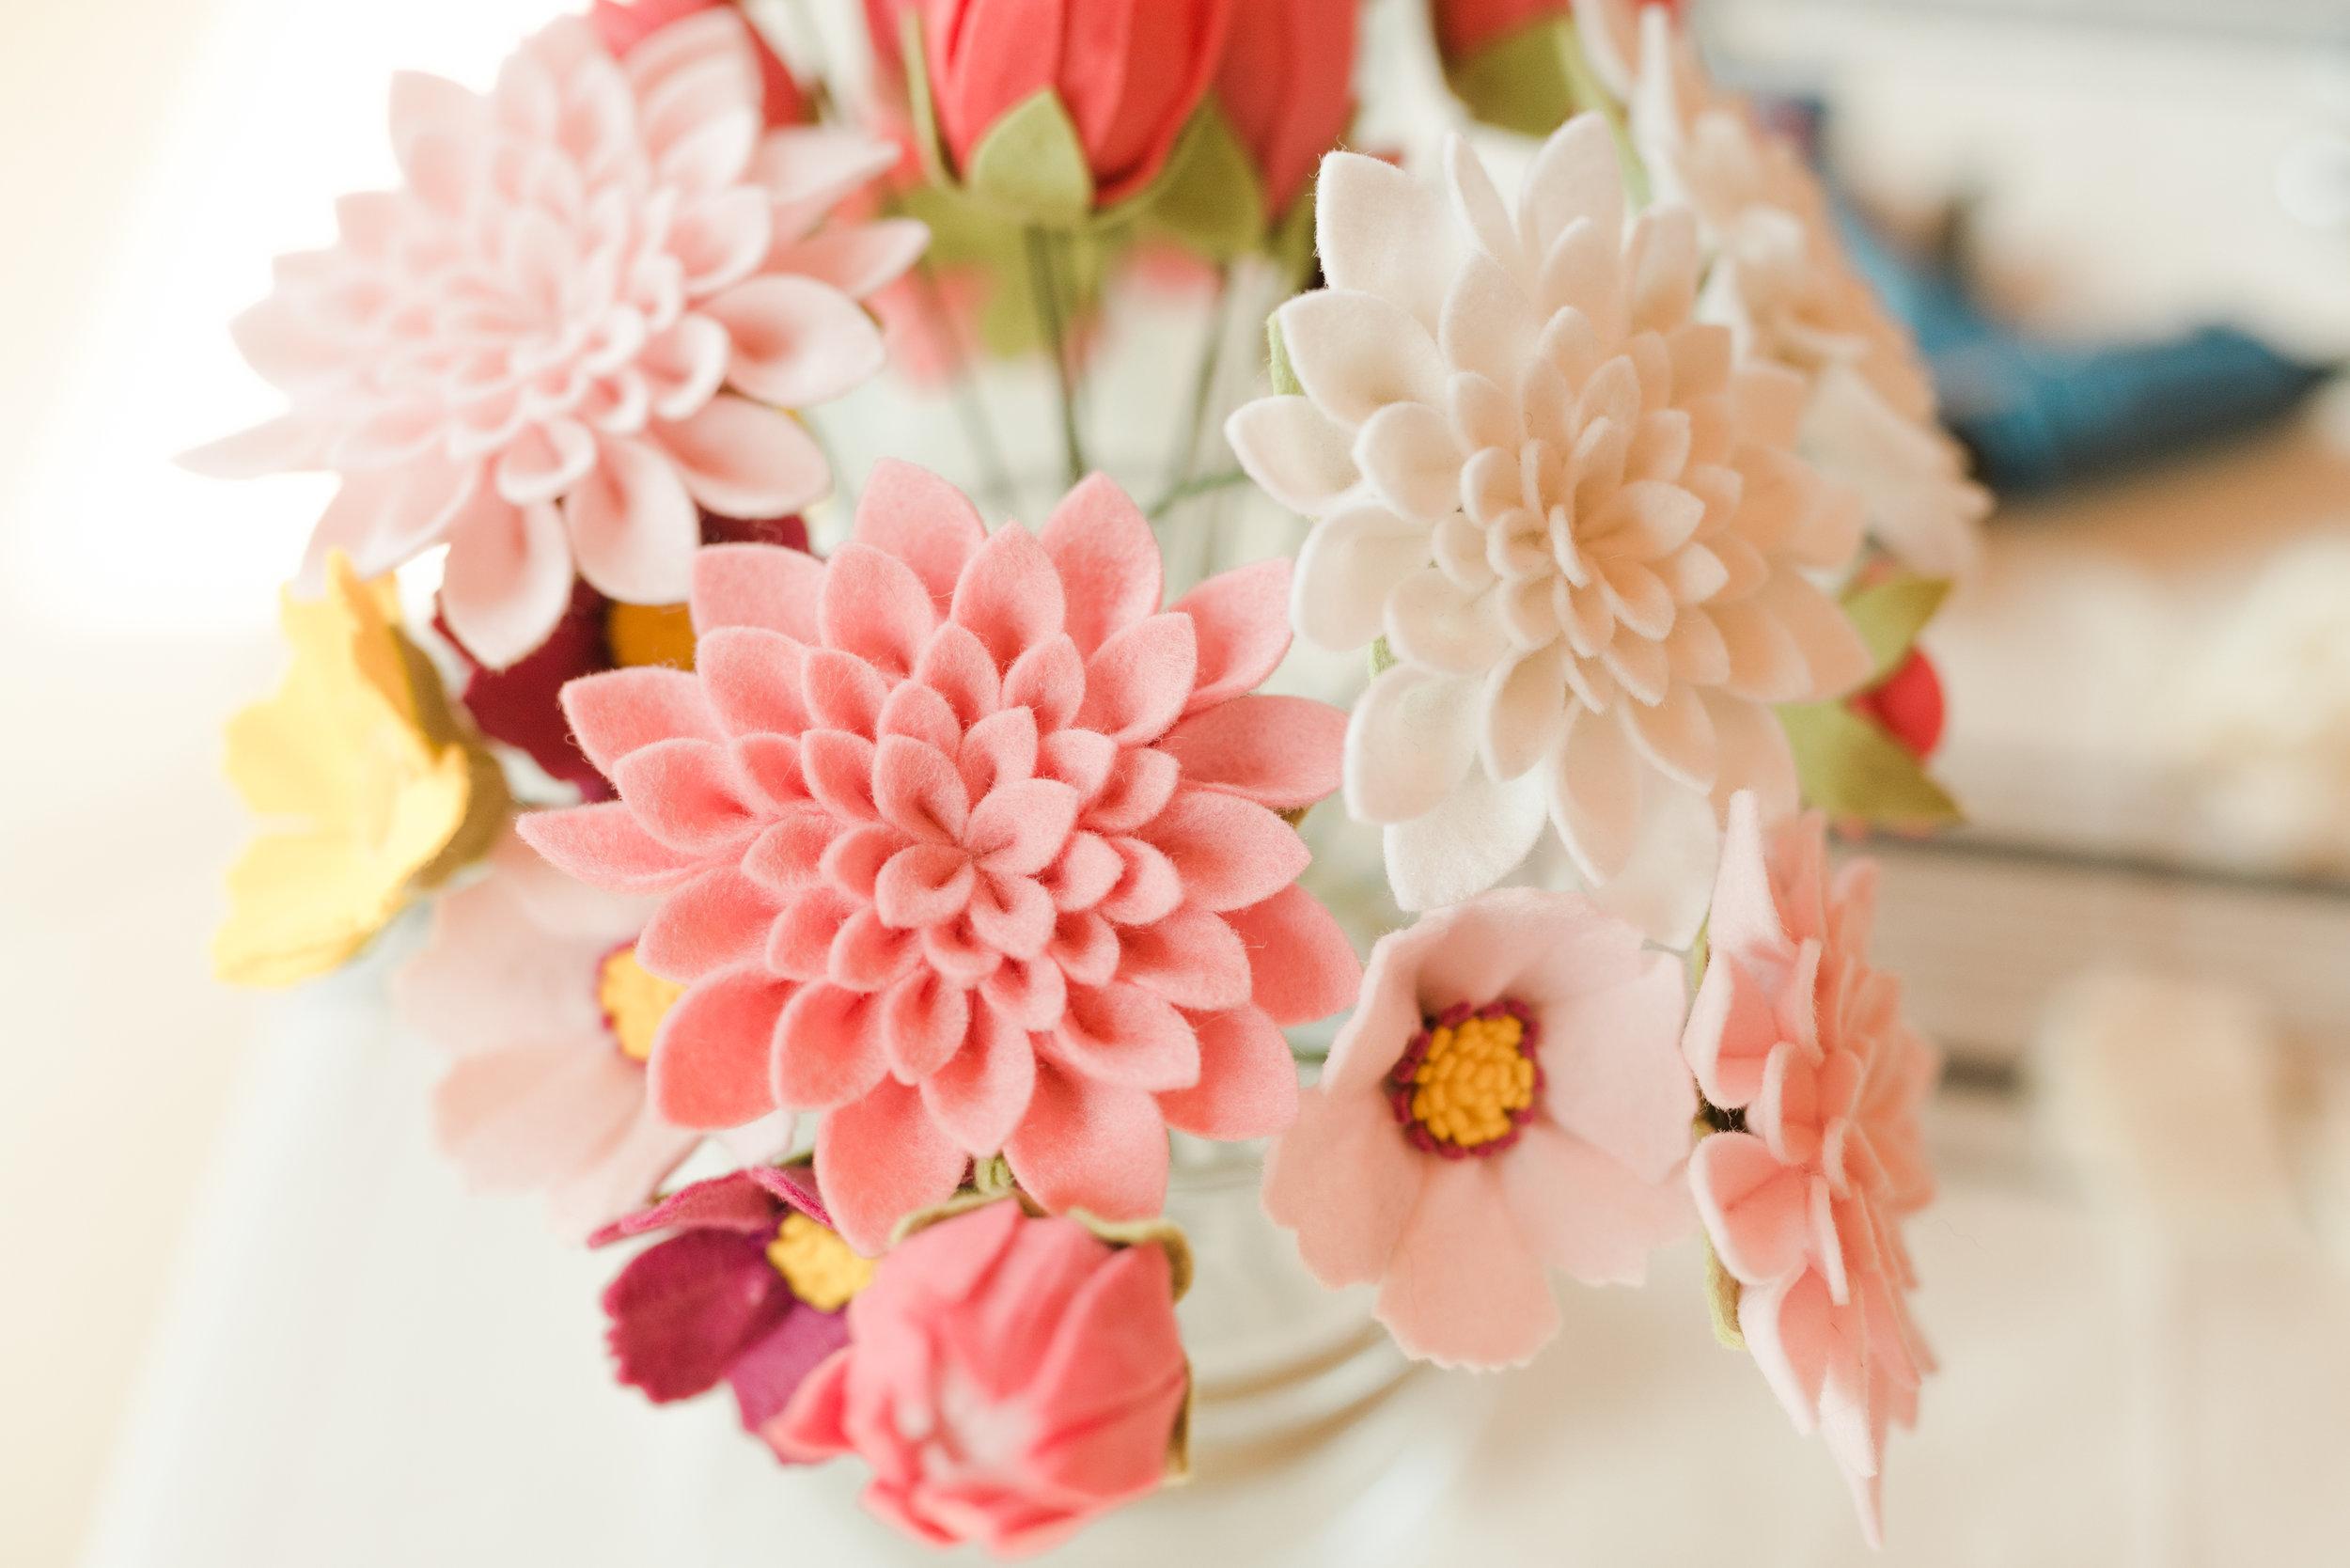 Zella&Kay-Felt-Flowers-19.jpg